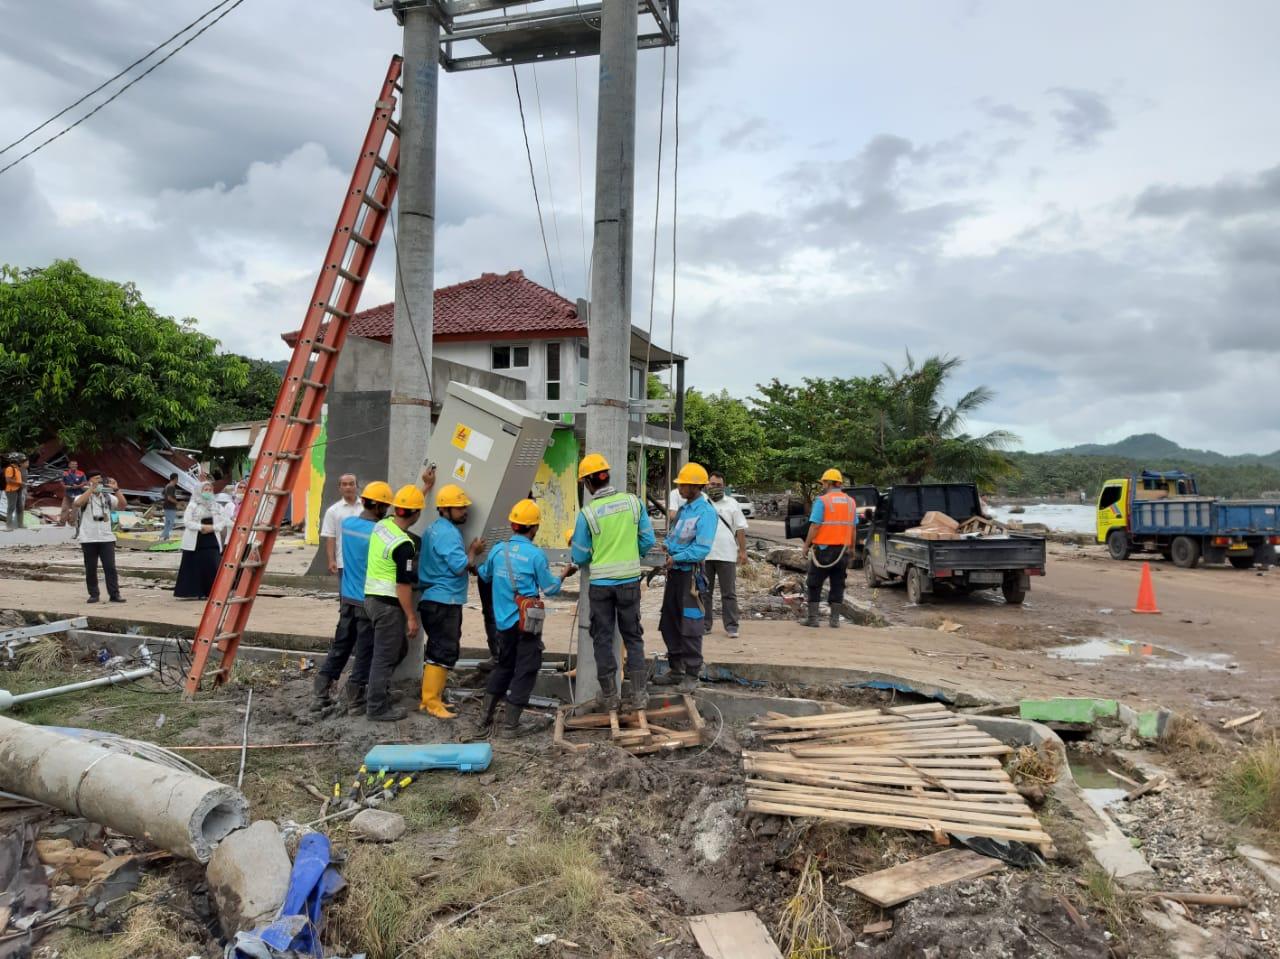 PLN mengirimkan Tim Terbaiknya, Tim Reaksi Cepat PLN yang terdiri dari 40 orang Pelayanan Teknik dan 15 orang pegawai PLN untuk melakukan pemulihan kondisi kelistrikan di Lampung Selatan. 7 mobil pelayanan teknik dan alat berat (crane) turut dikerahkan untuk mempermudah pengangkatan tiang serta jaringan PLN.